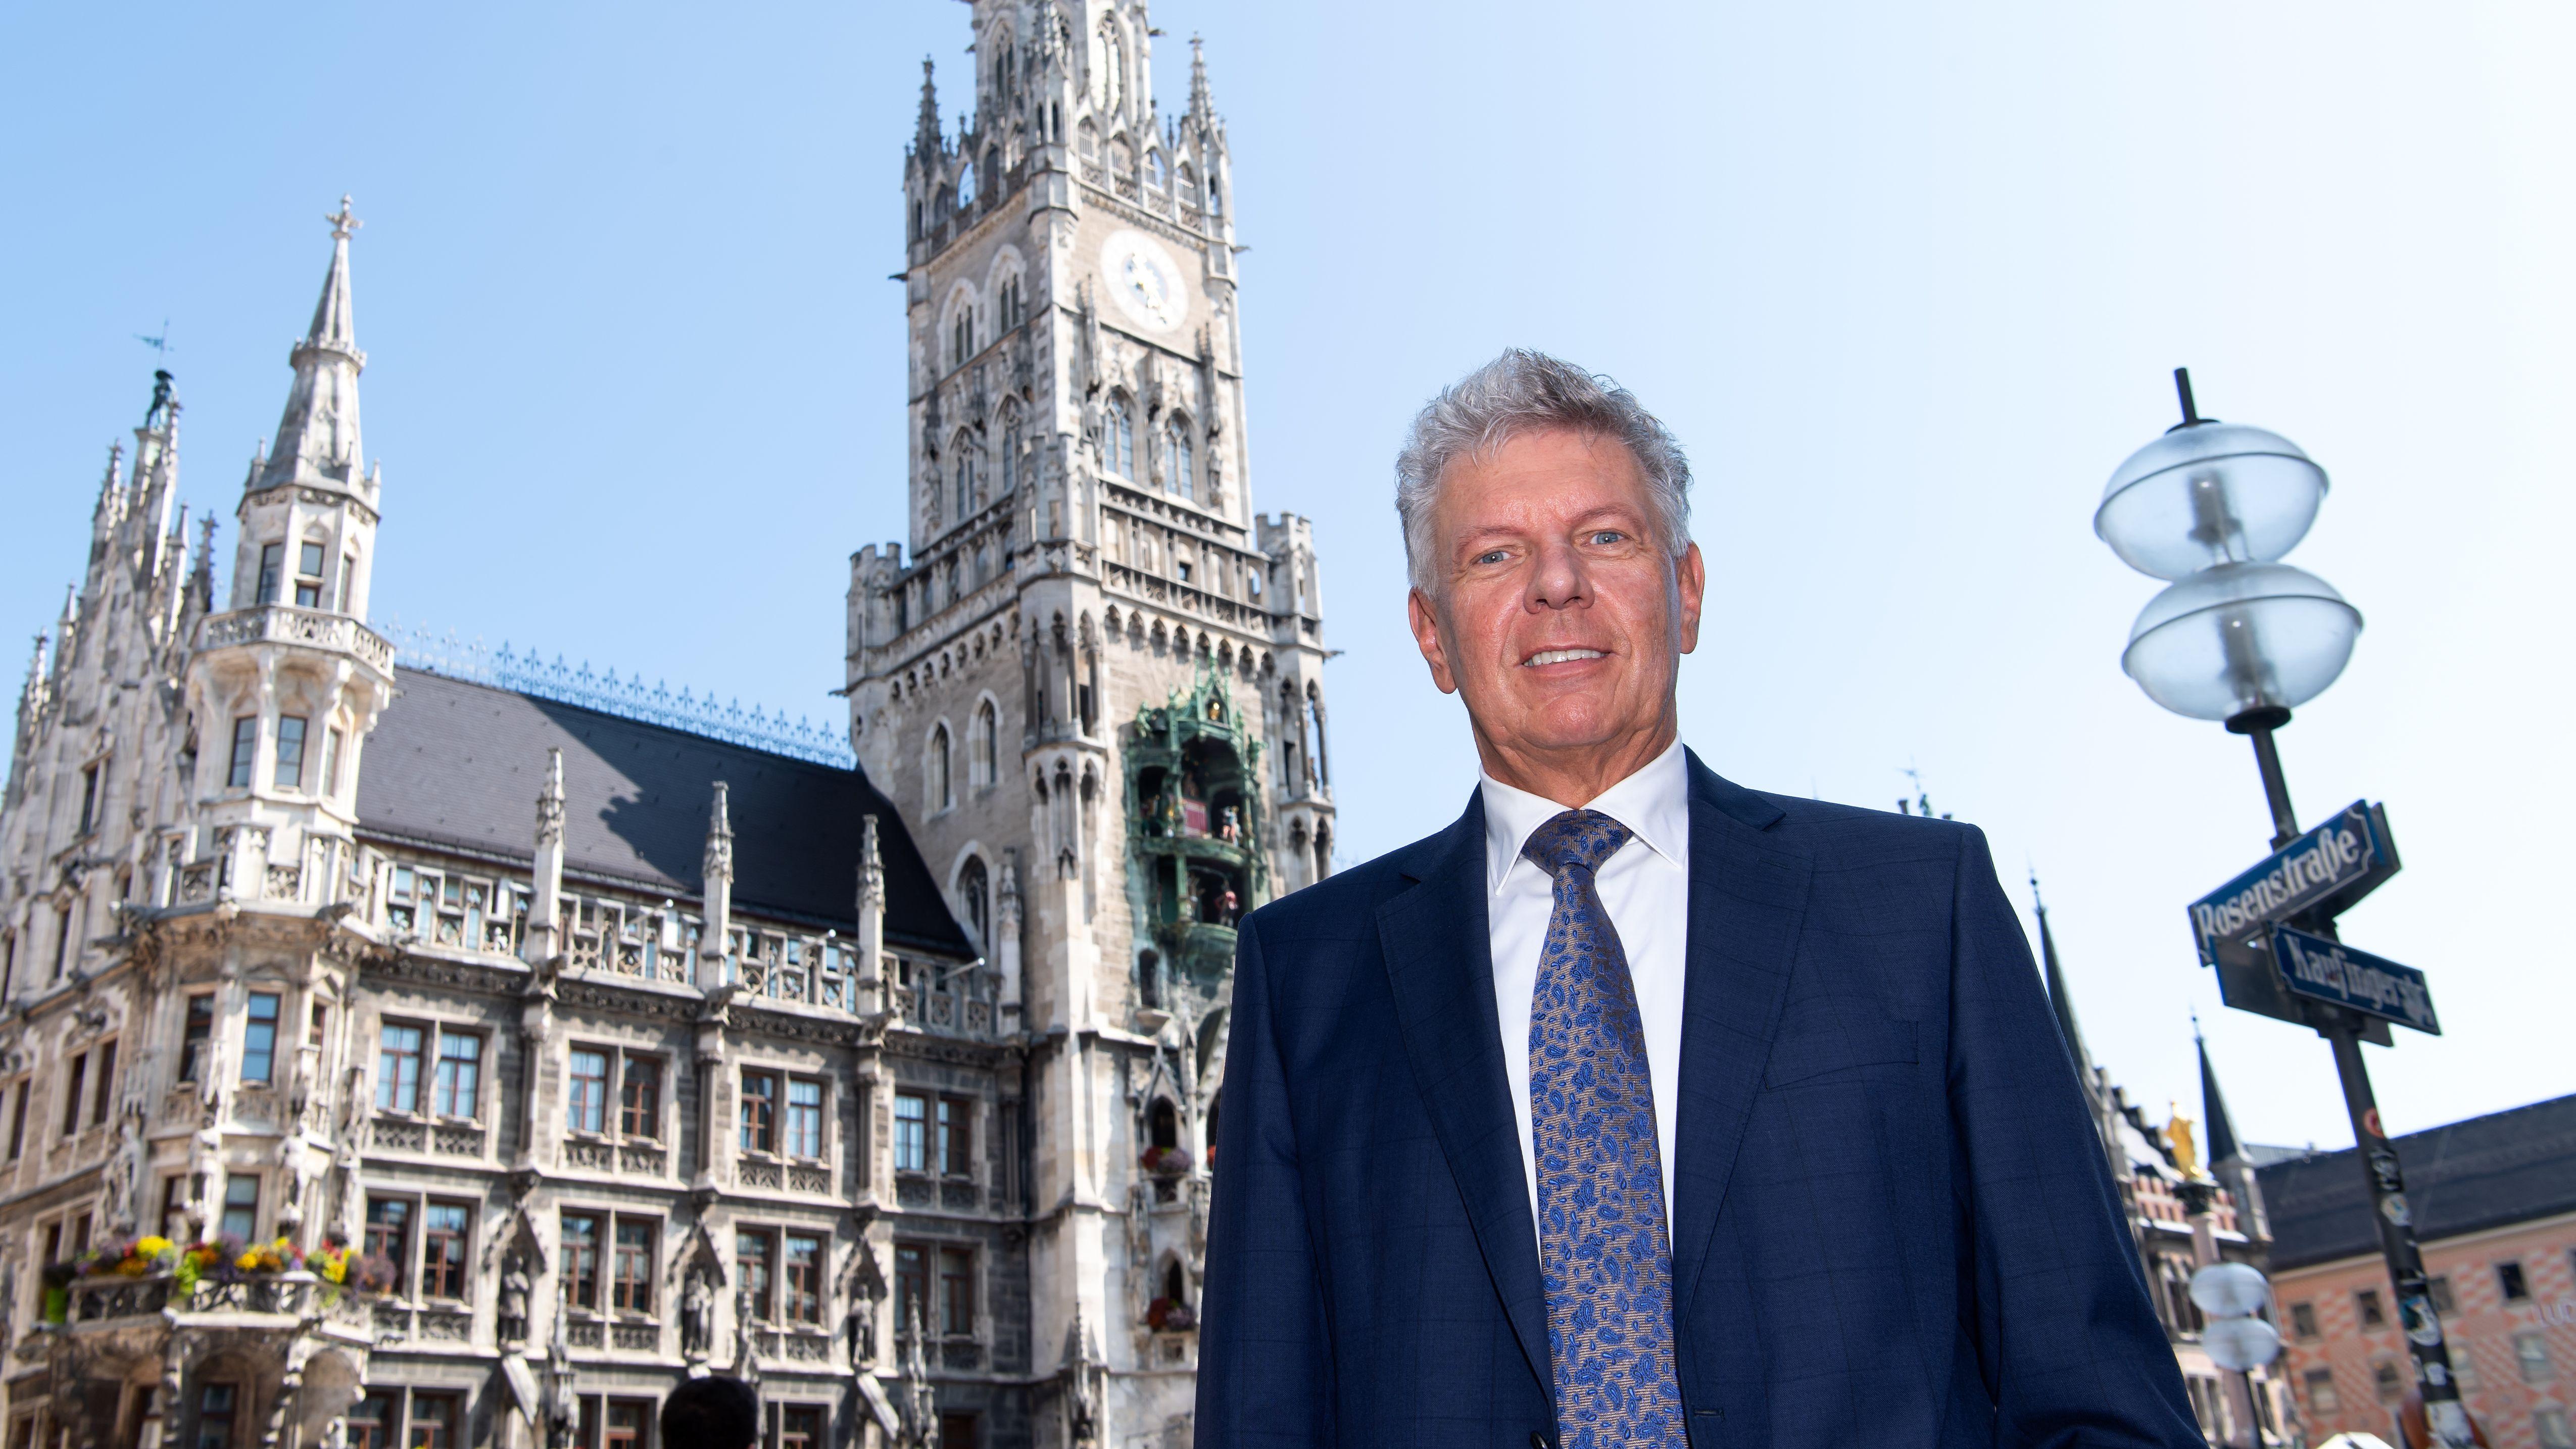 Dieter Reiter (SPD), Oberbürgermeister der Stadt München, steht auf dem Marienplatz vor dem Rathaus.